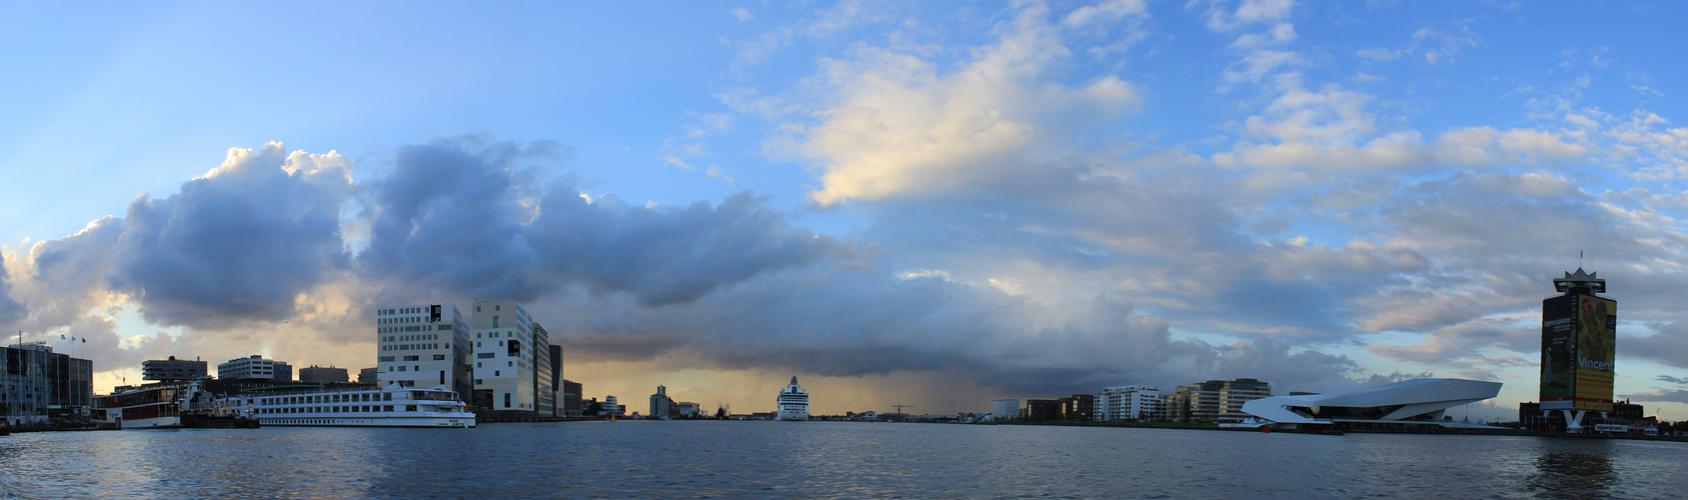 Panorama: Hafen Amsterdam